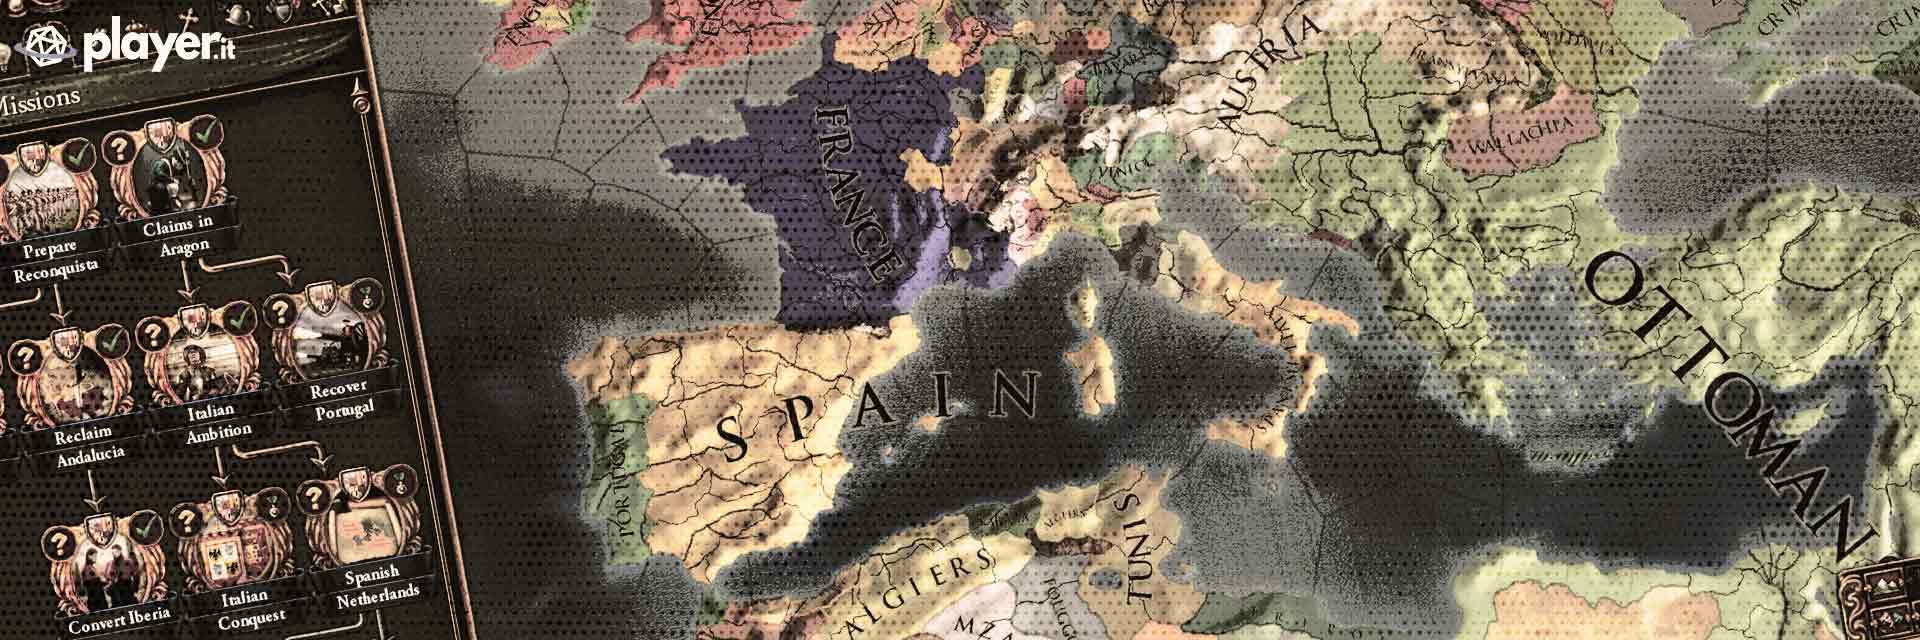 Europa Universalis IV wallpaper e scheda gioco